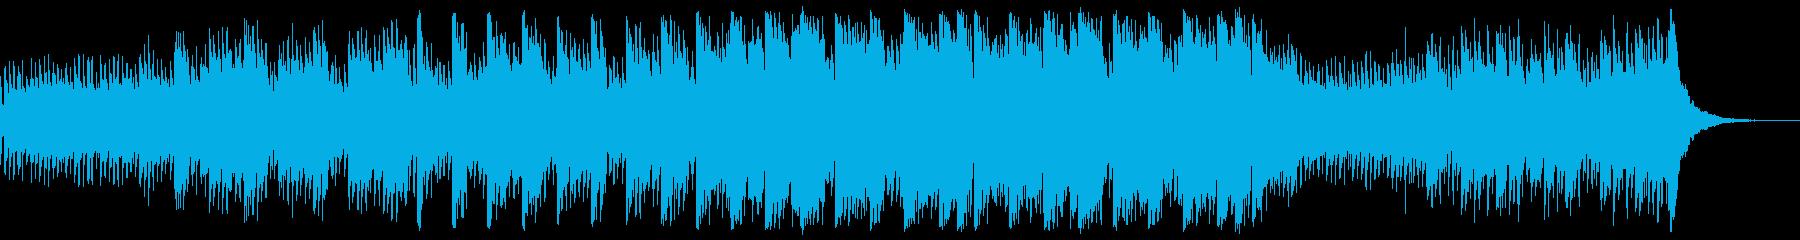 幻想的でゆっくり流れる和風ポップバラードの再生済みの波形